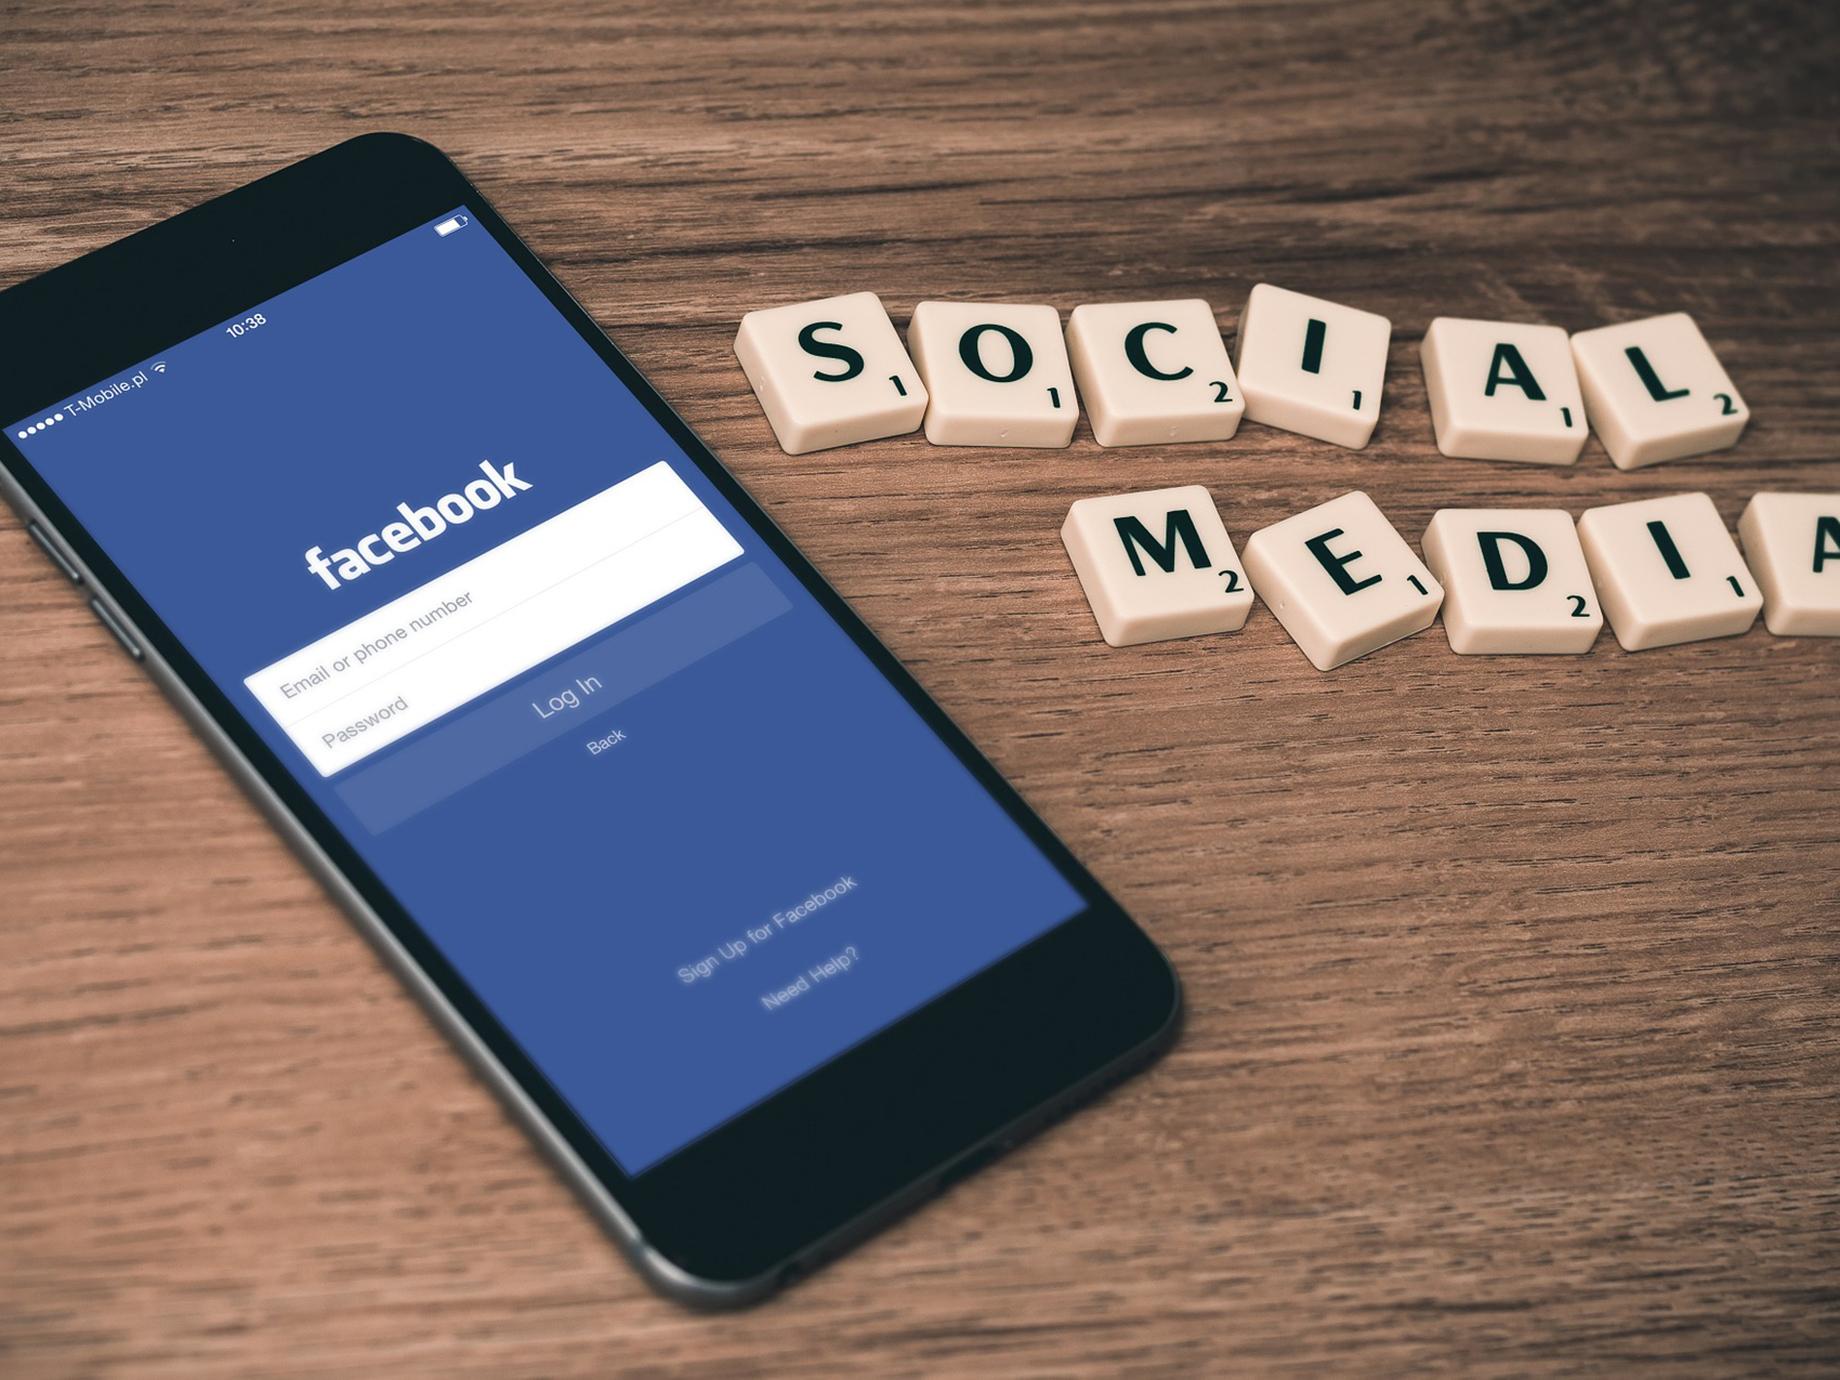 行動影音廣告熱燒,Facebook預計投入十億美元發展原創影音